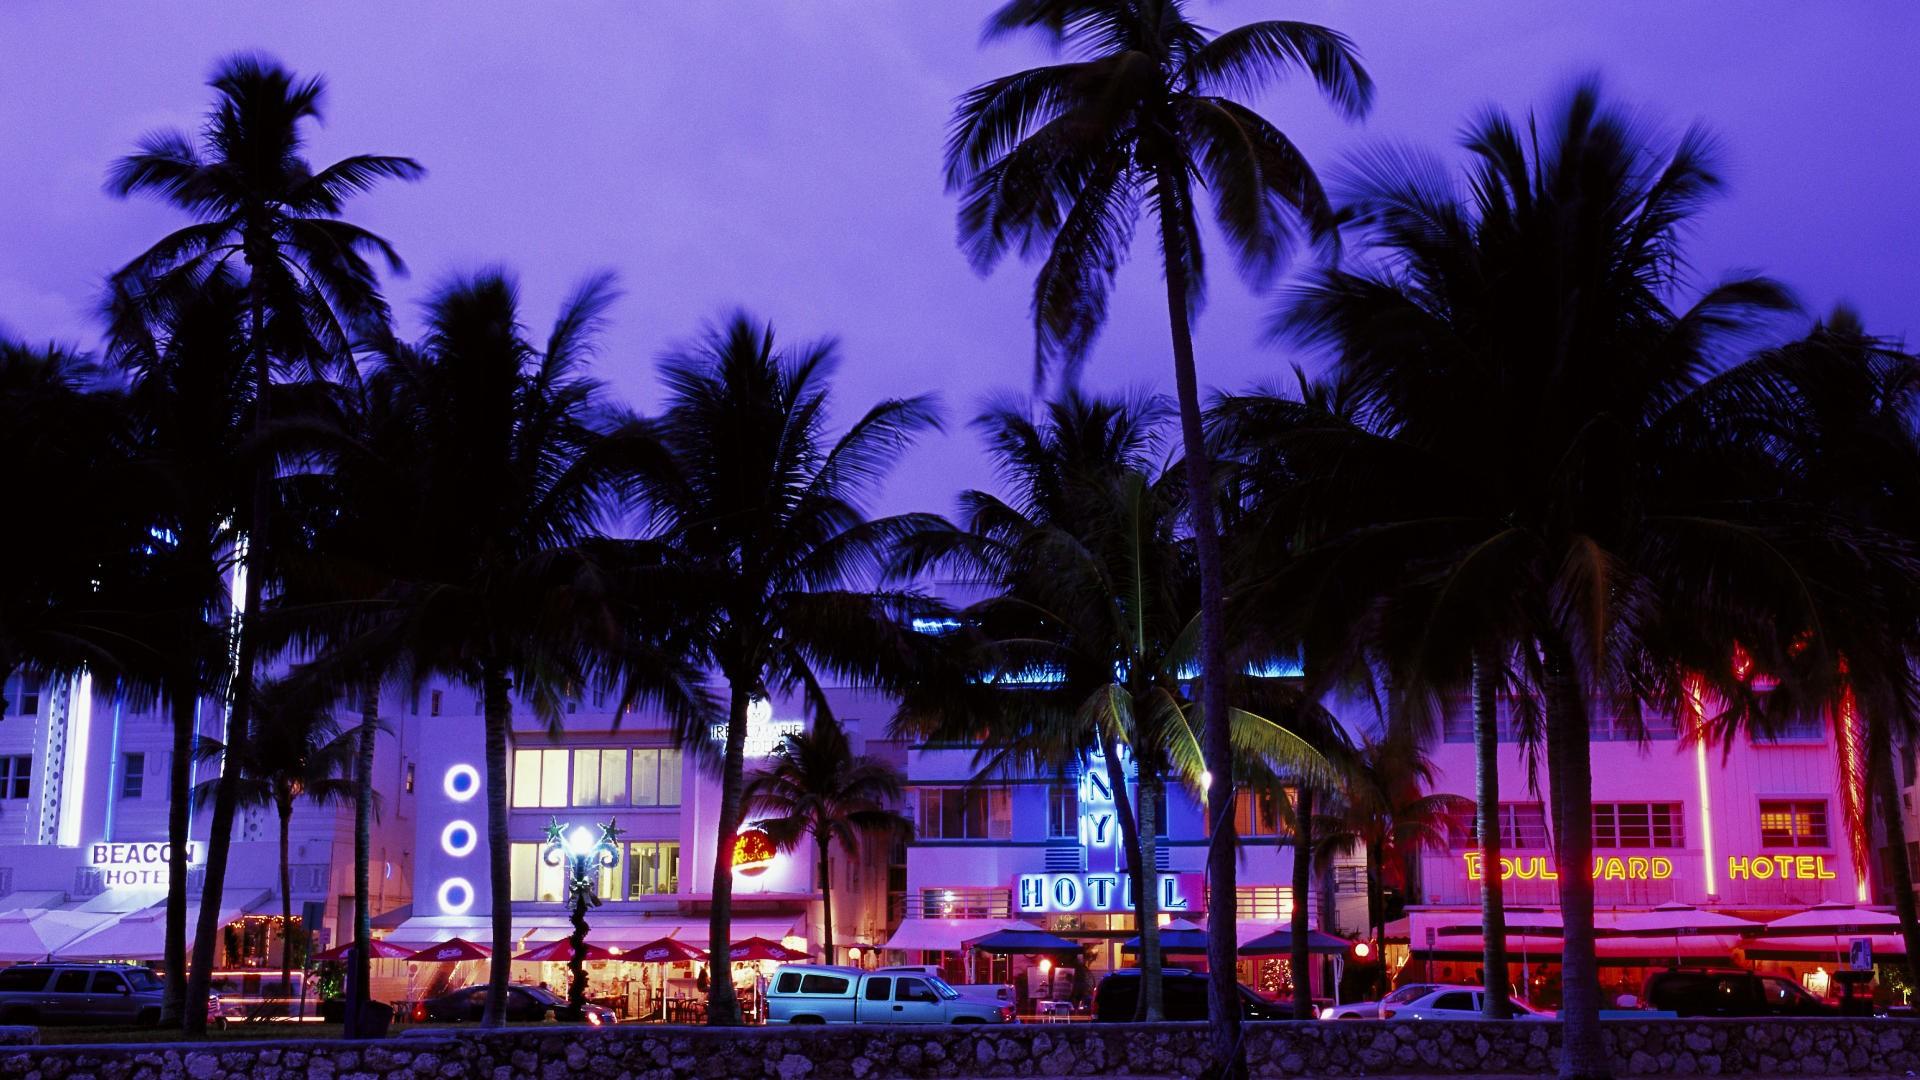 Cars Miami Wallpaper 1920x1080 Cars Miami Street Lights Palm 1920x1080